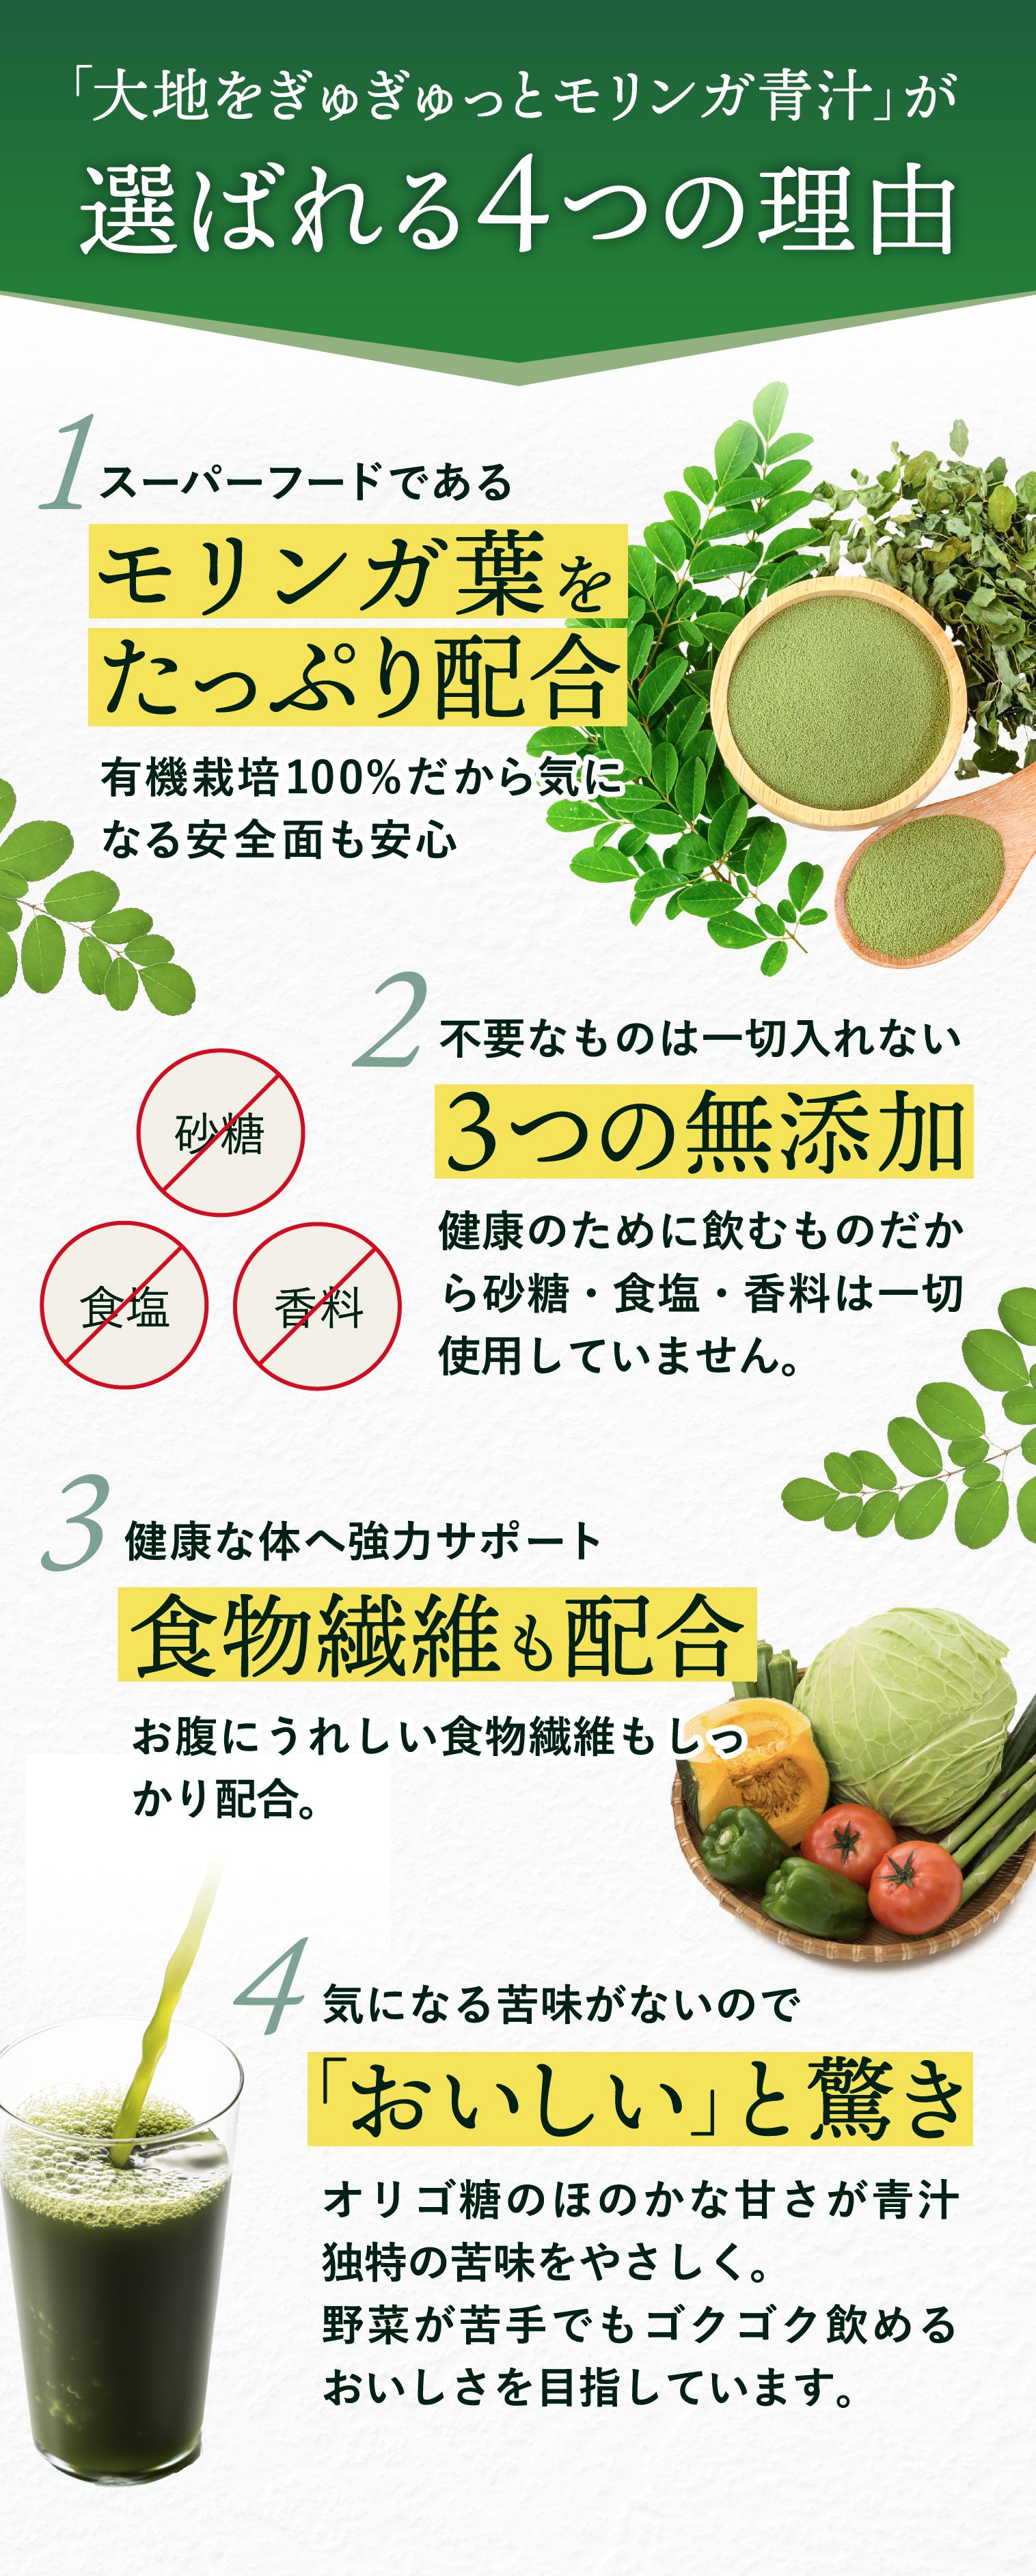 「大地をぎゅぎゅっとモリンガ青汁」が選ばれる4つの理由